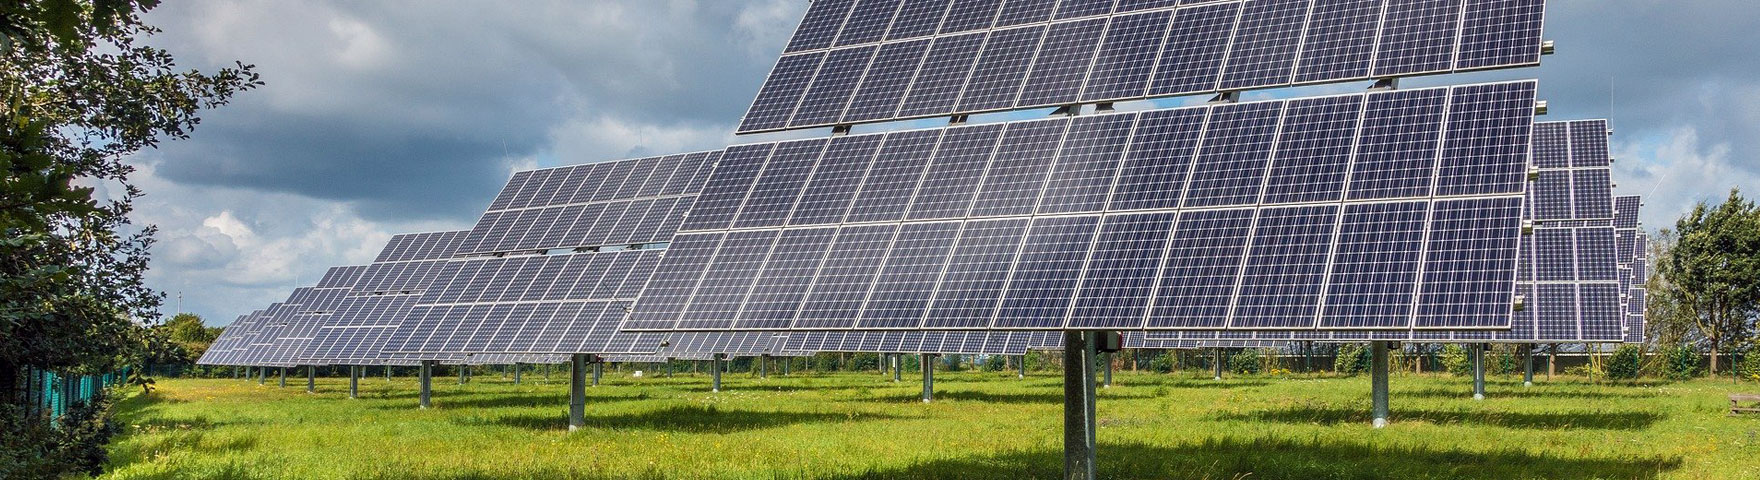 Solarinitiative